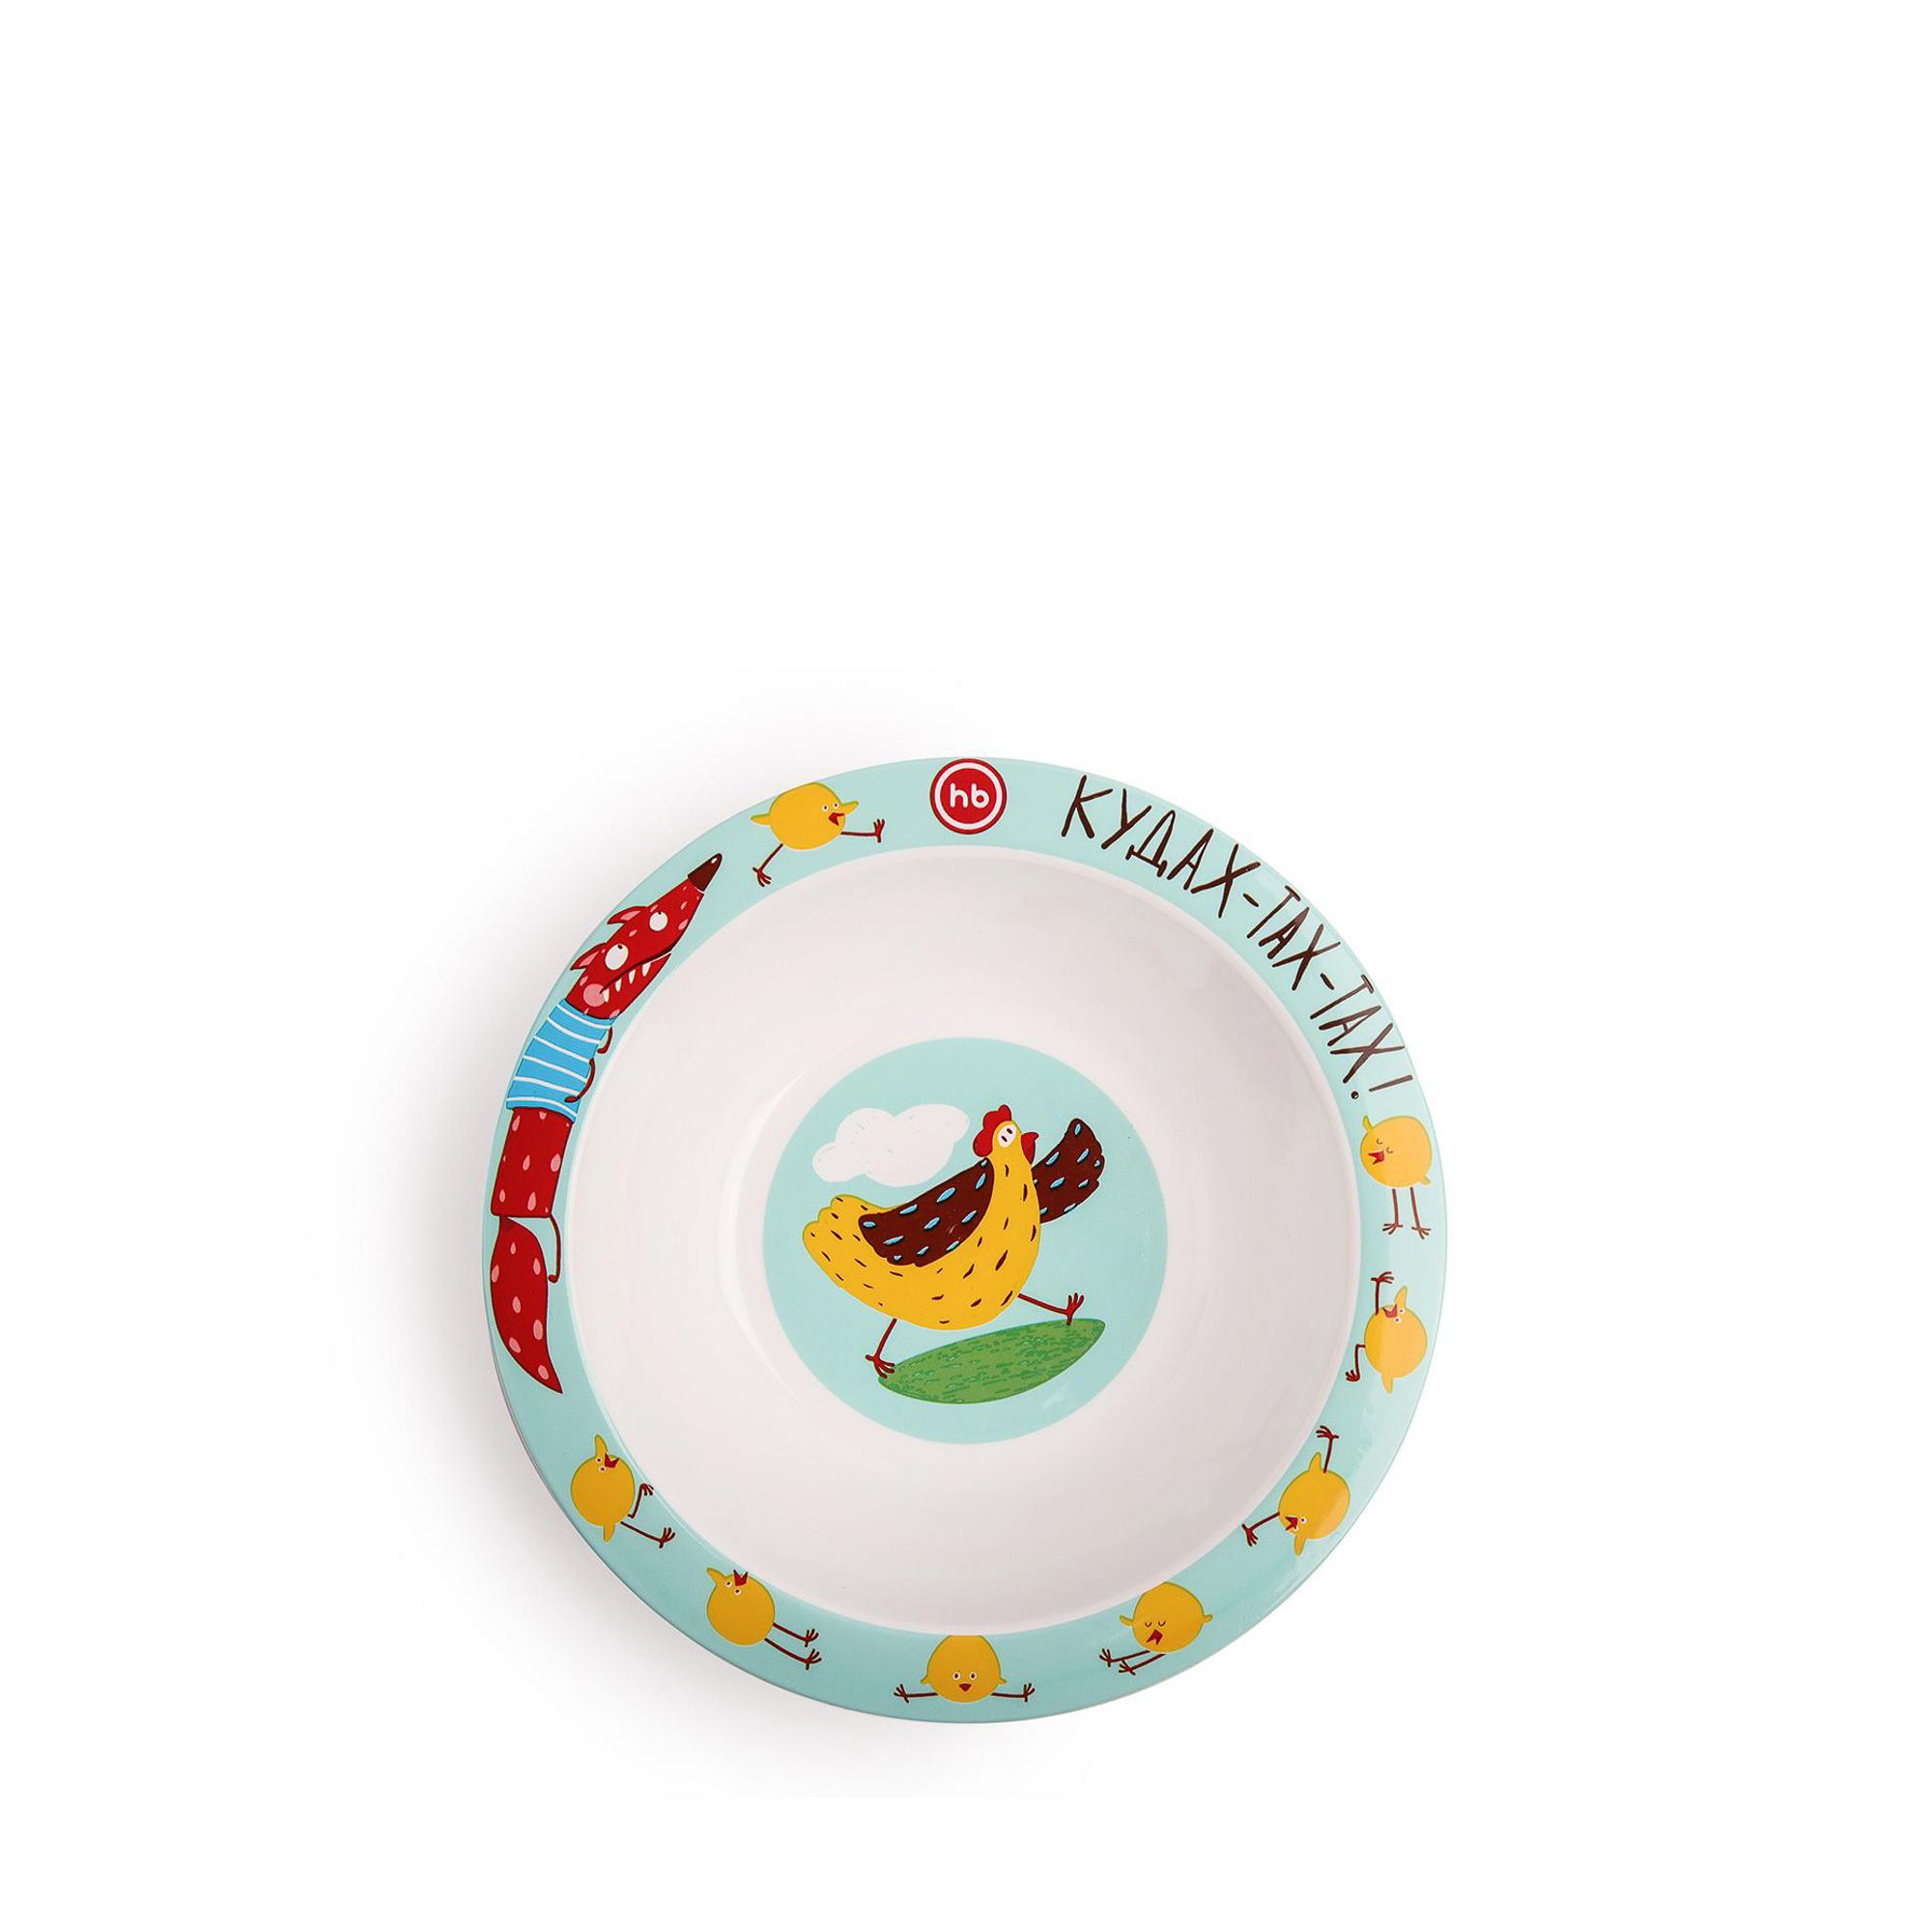 Купить Тарелка глубокая Happy Baby Chicken, Китай, голубой, полипропилен, Детская посуда и аксессуары